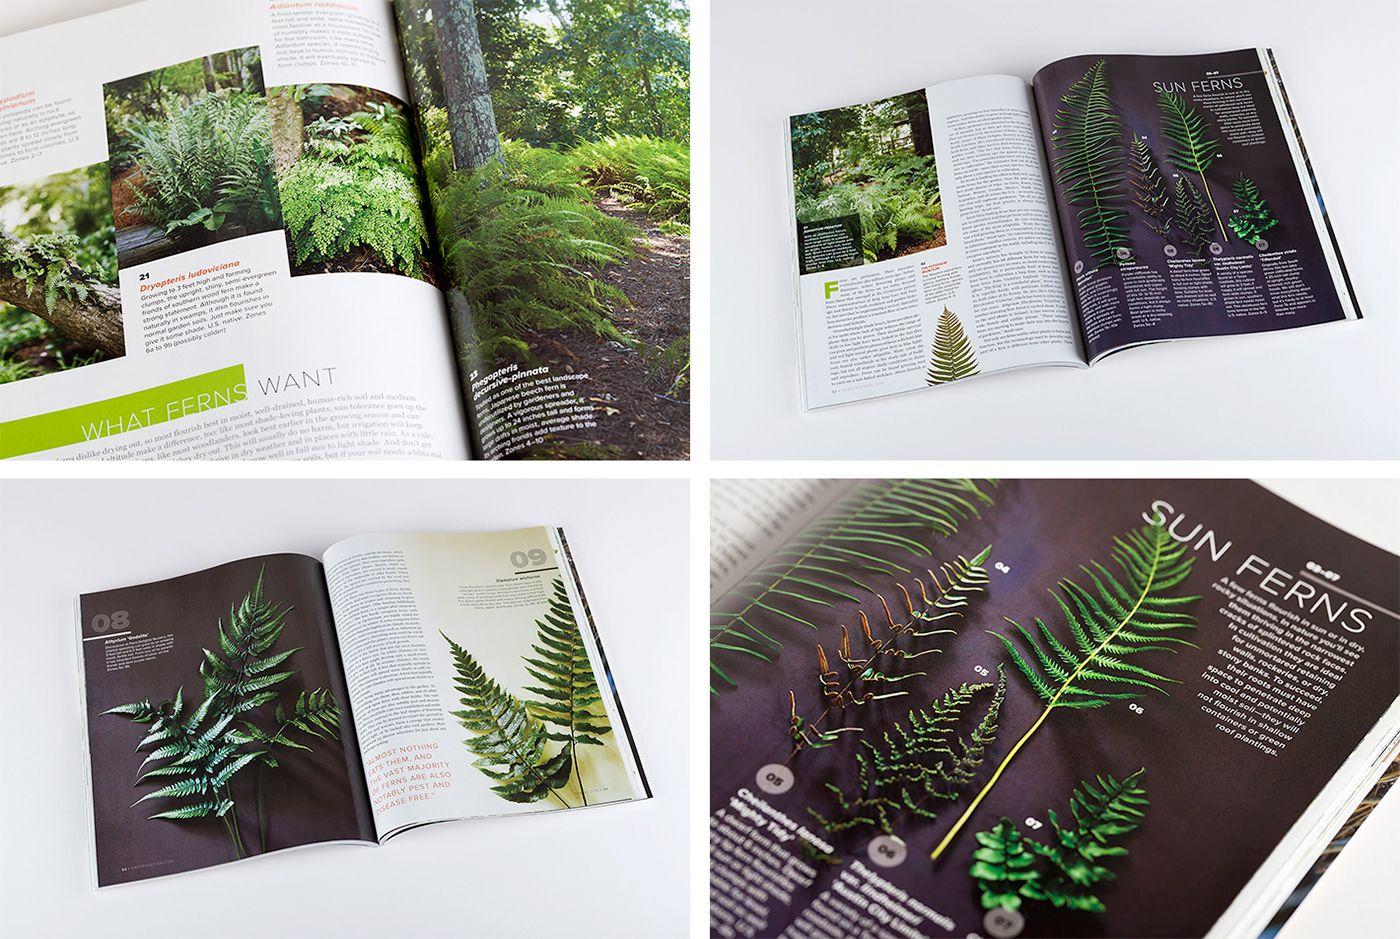 Iilustrations For Garden Design Magazine On Behance Garden Design Magazine Garden Design Design